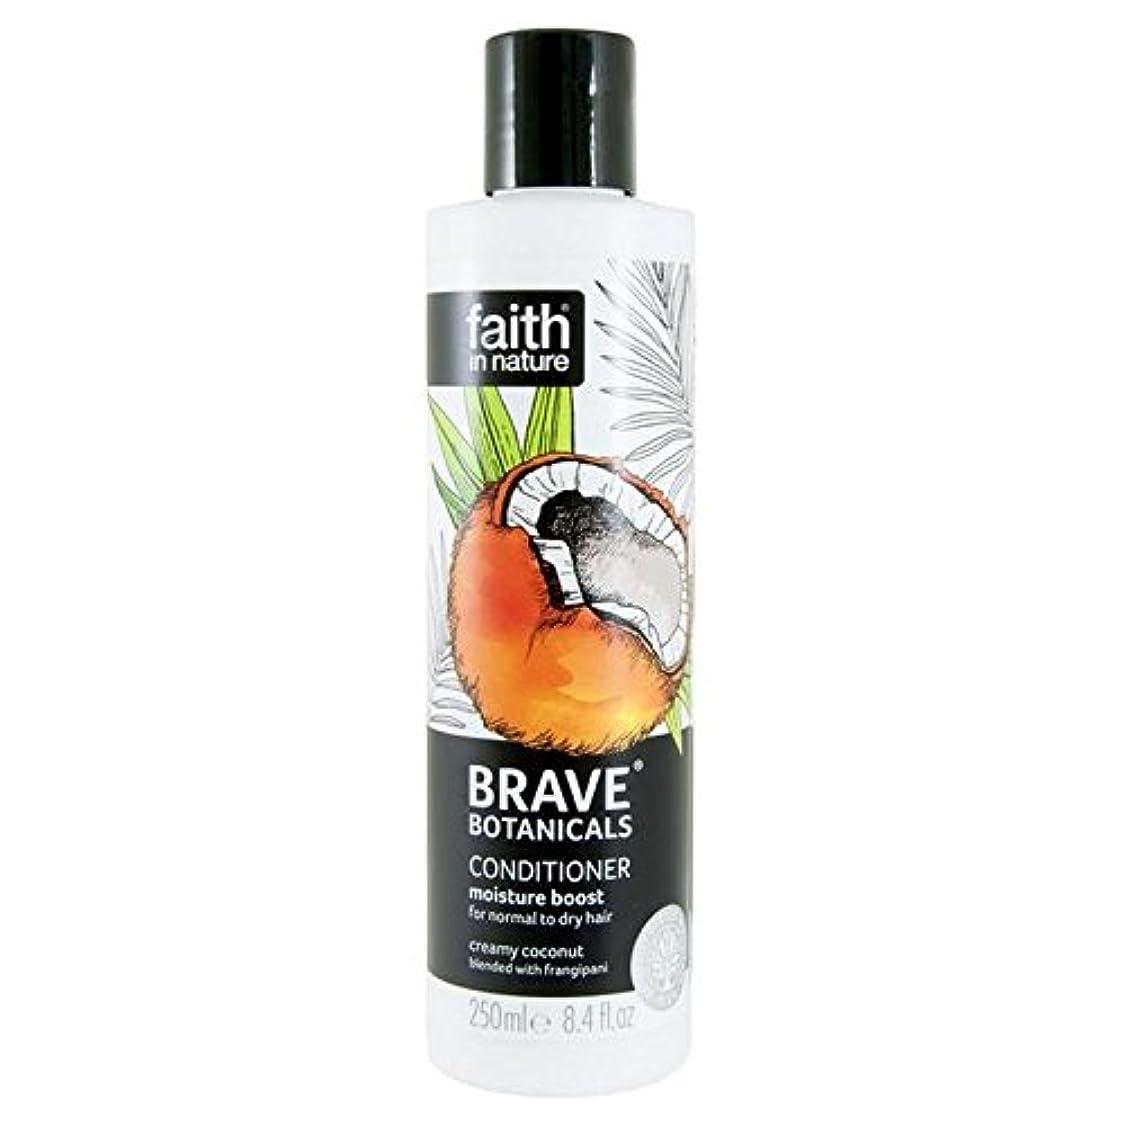 ダイヤモンドポゴスティックジャンプ見物人Brave Botanicals Coconut & Frangipani Moisture Boost Conditioner 250ml (Pack of 4) - (Faith In Nature) 勇敢な植物ココナッツ...